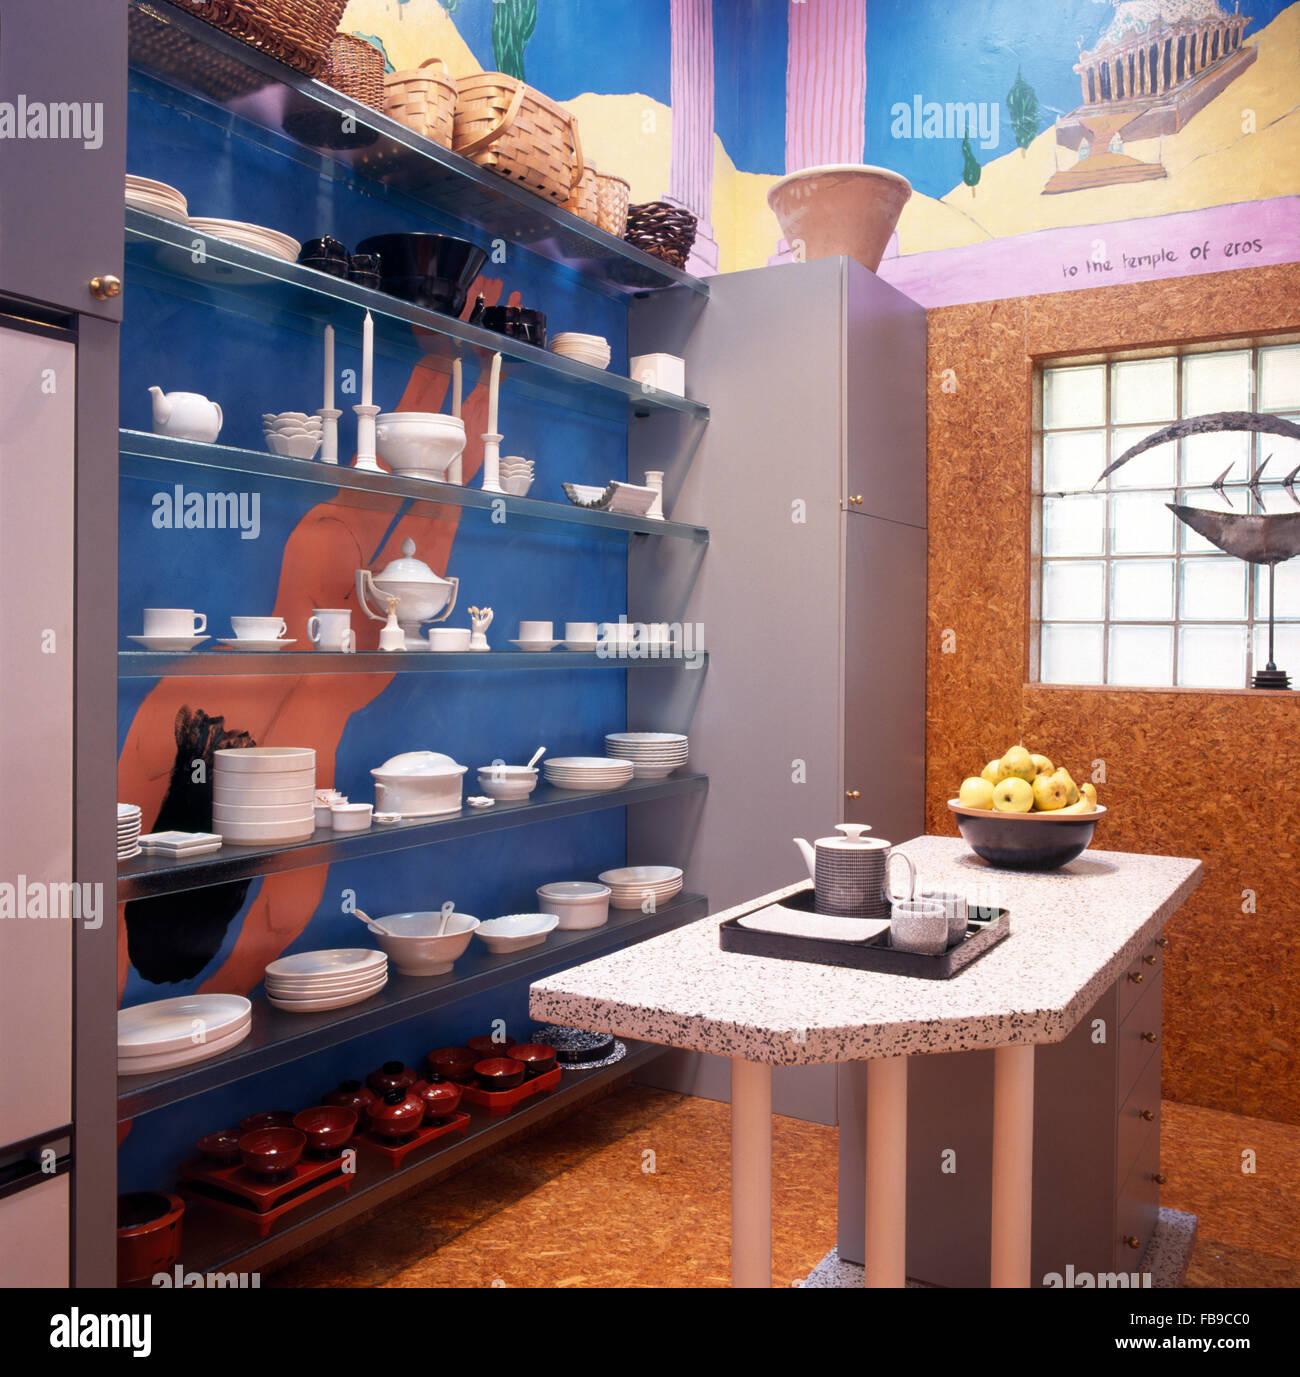 Colección de cuencos y tazas blancas en estantes de vidrio azul en un  noventa cocina con 11fc64bae3a4